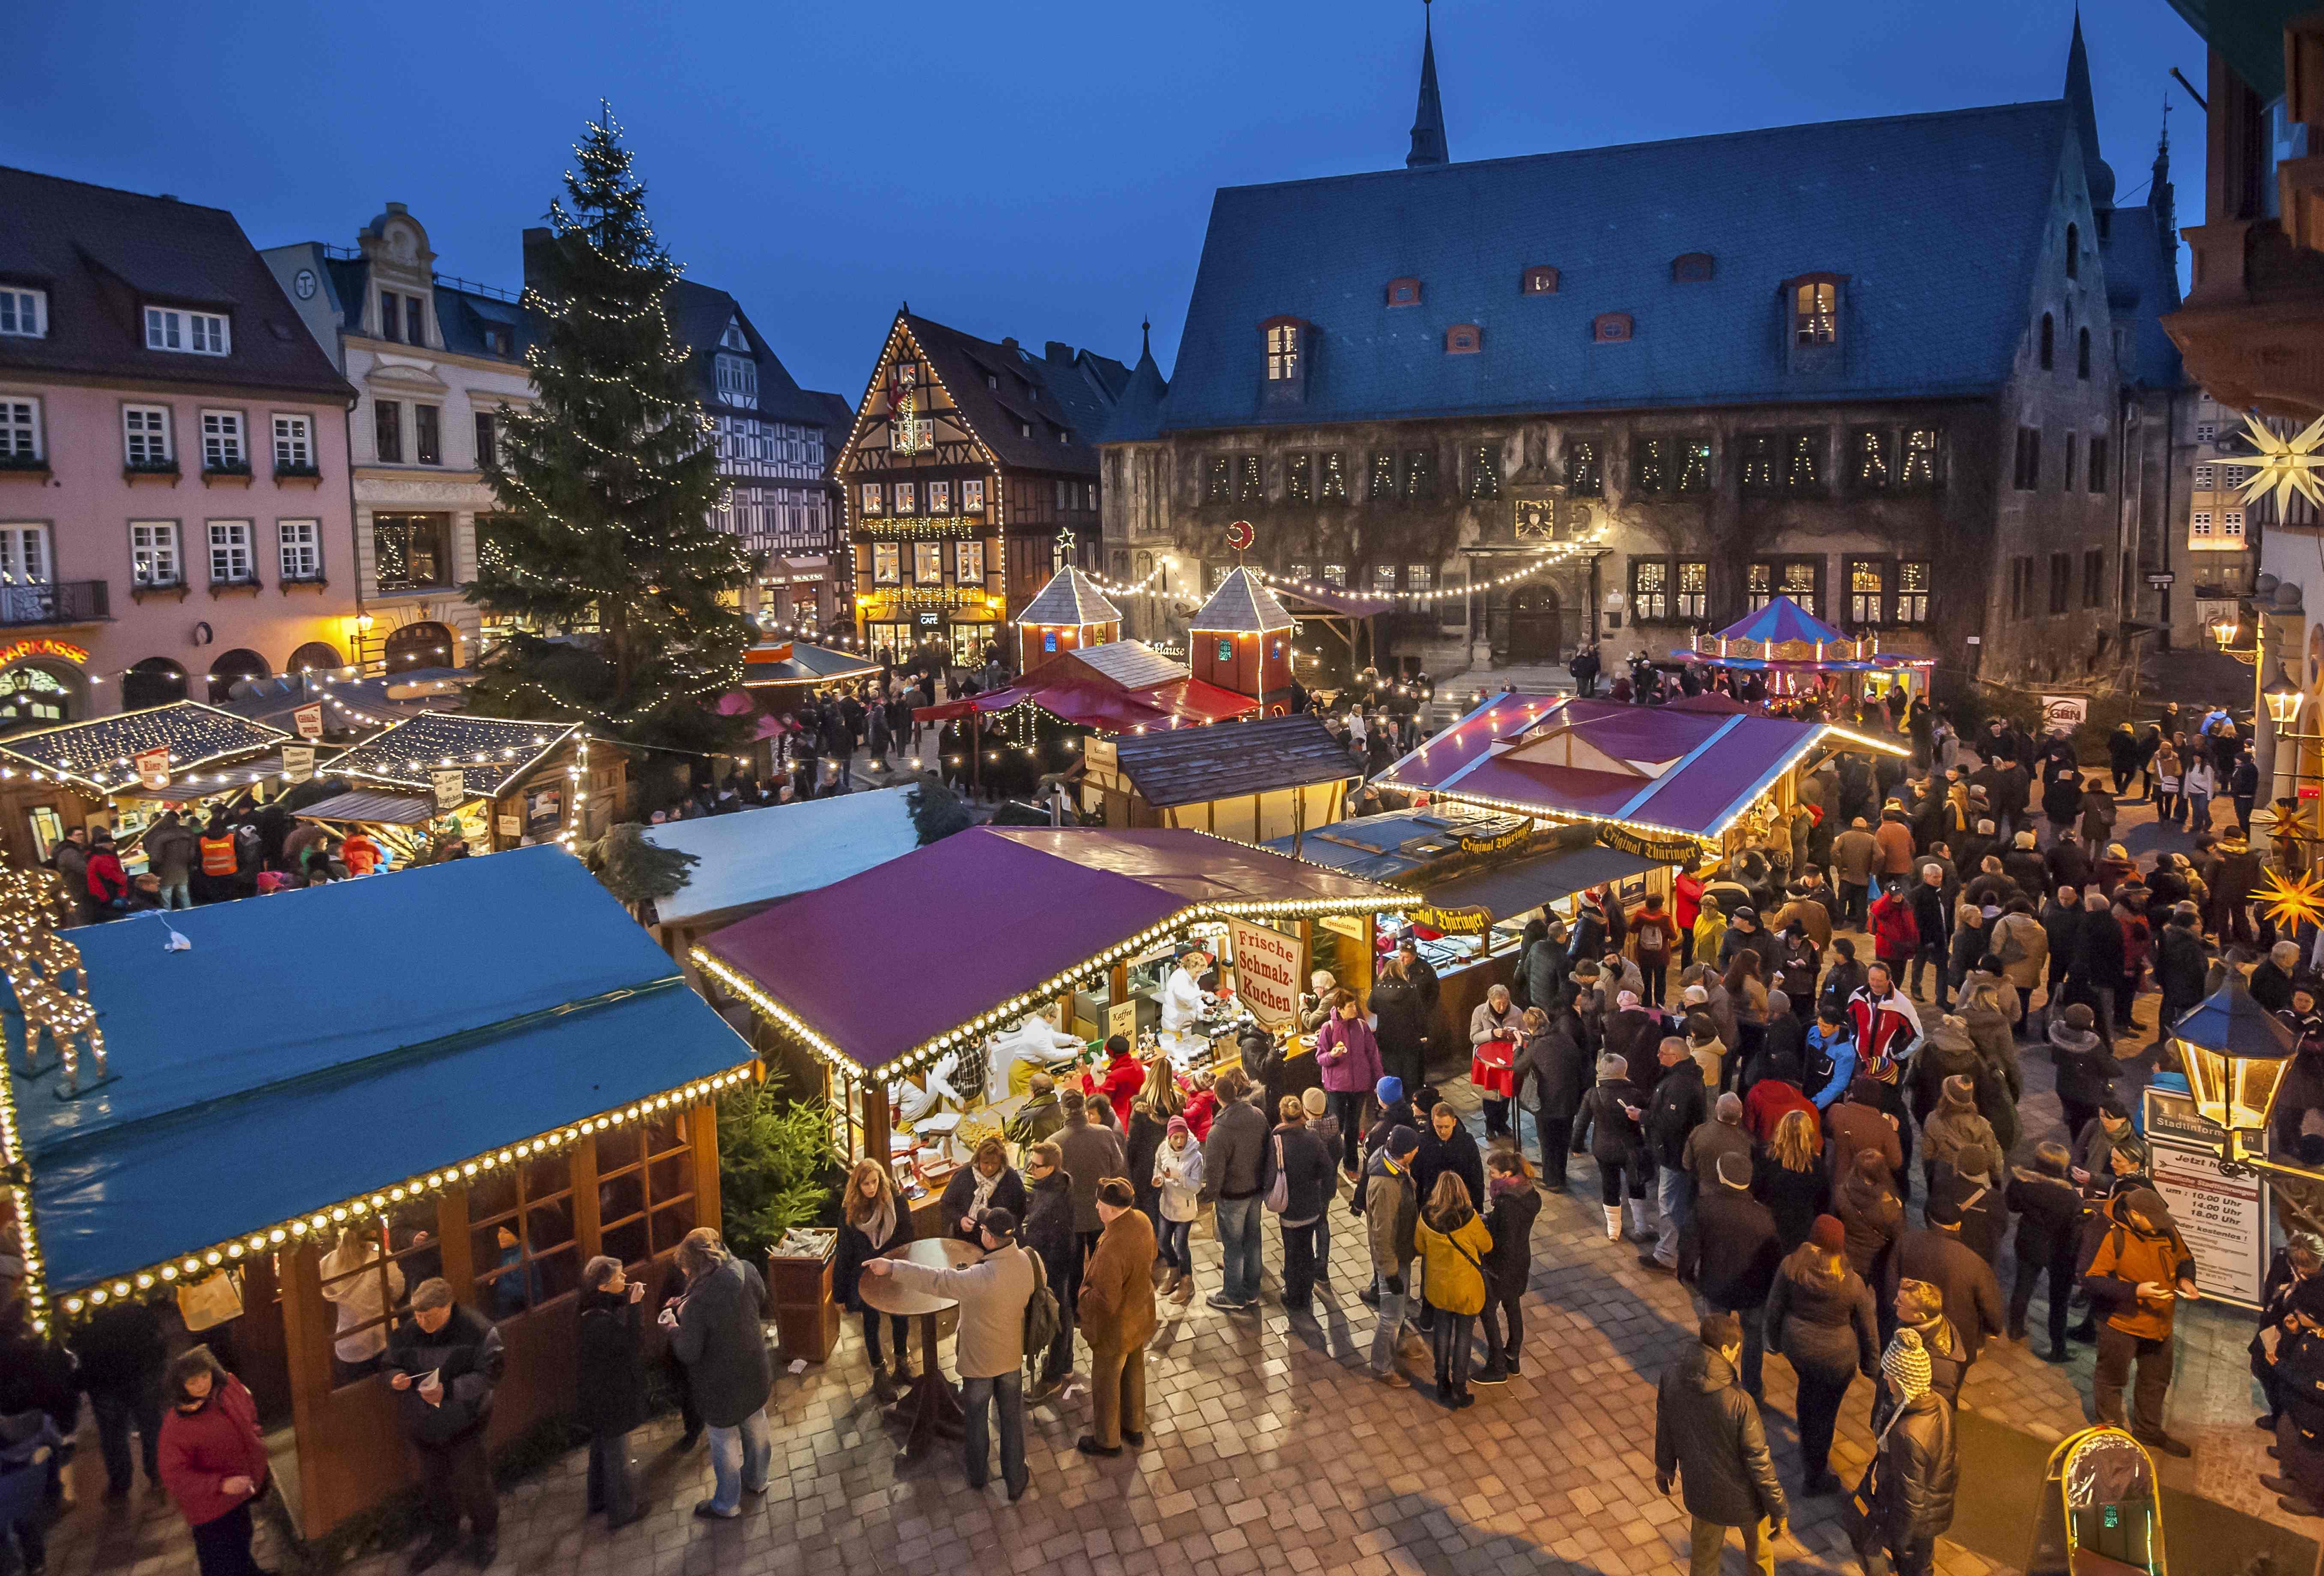 Logo für Veranstaltung Quedlinburger Weihnachtsmarkt